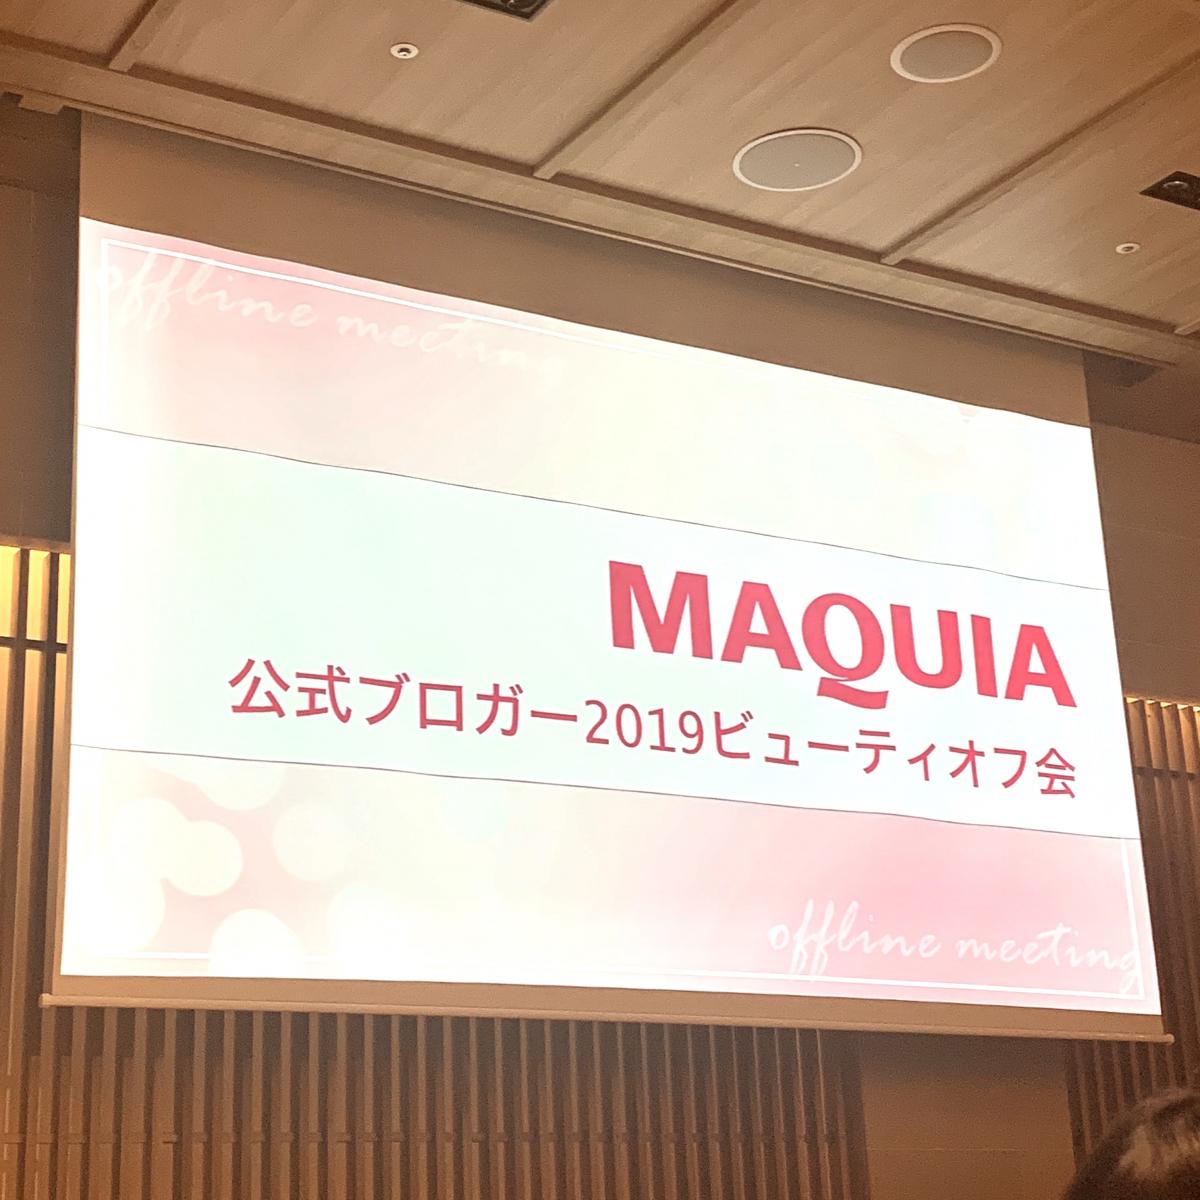 マキア公式ブロガーオフ会2019